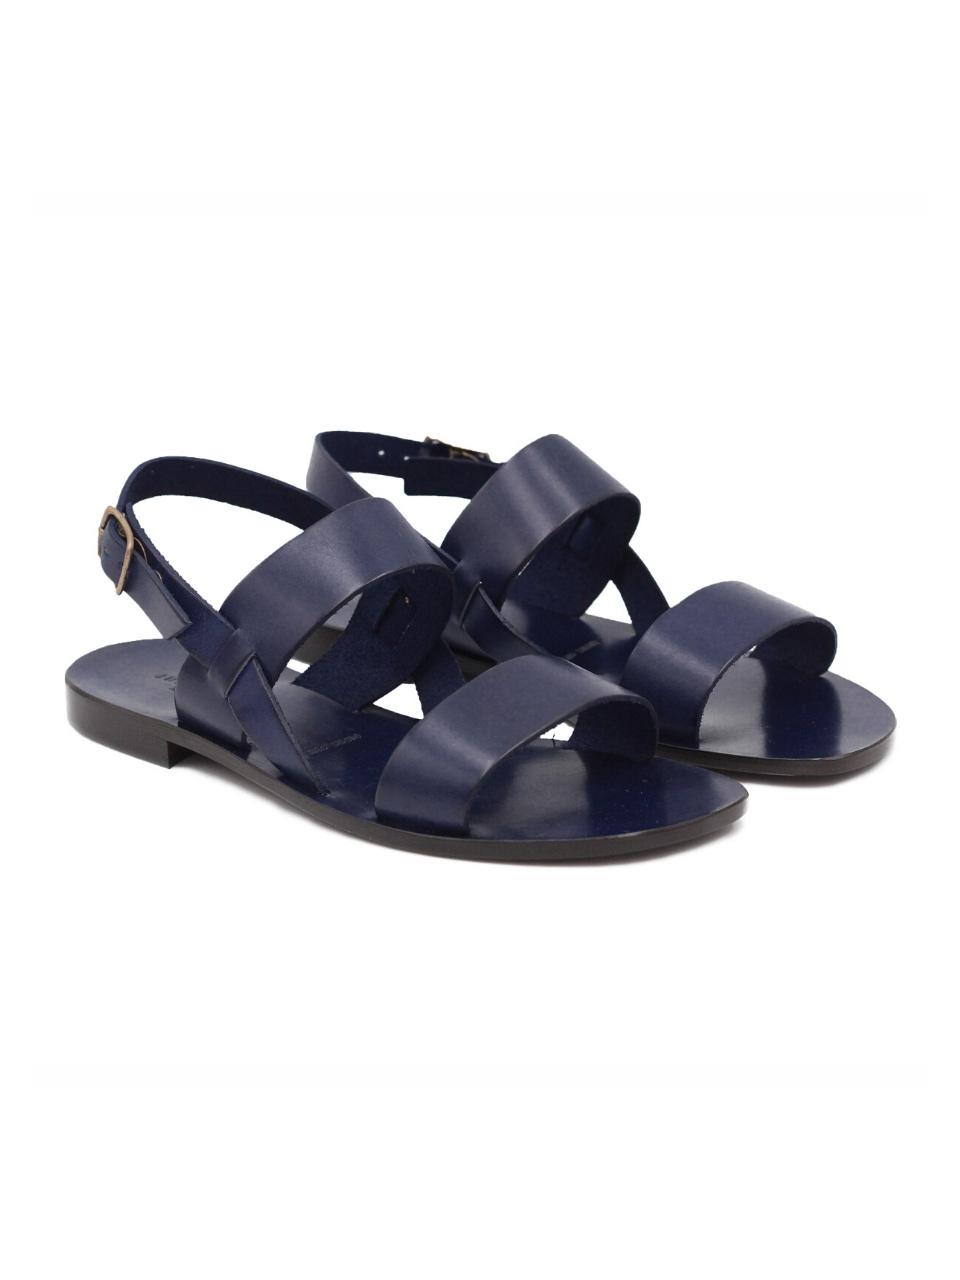 julesjenn sandales bleu